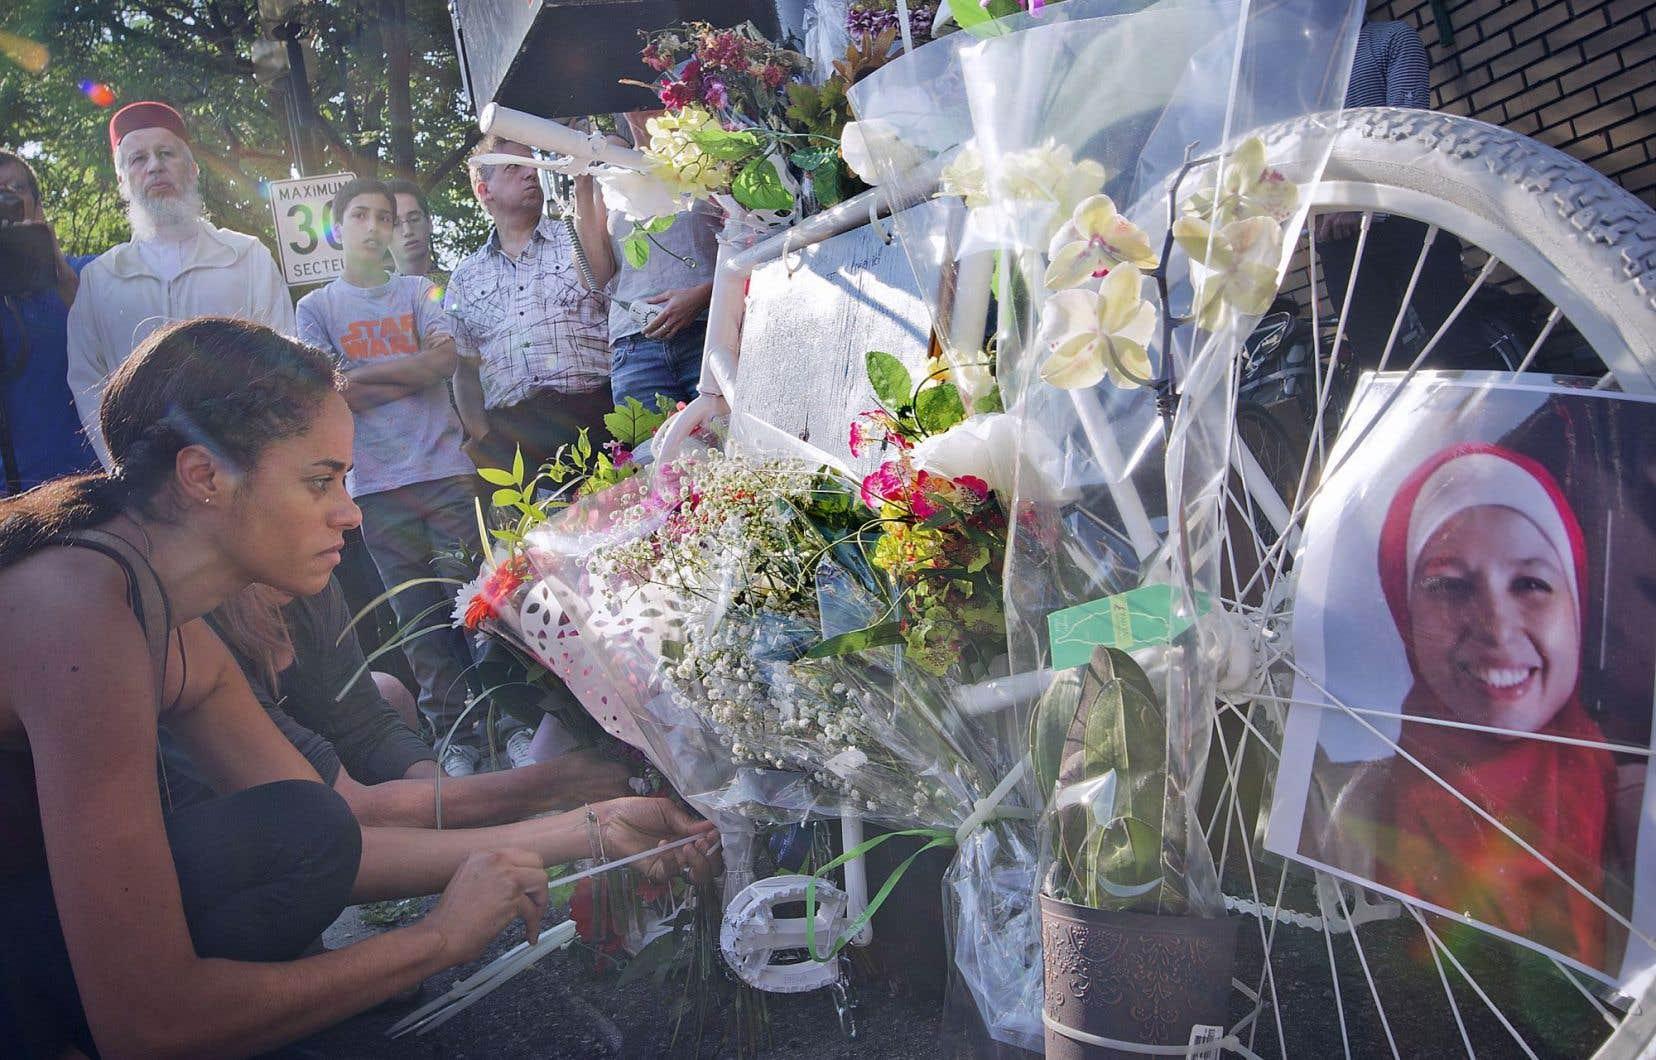 Des proches et des citoyens ont déposé des fleurs sur le vélo blanc installé à l'angle de la rue Bélanger et de la 6e avenue à la mémoire de Meryem Ânoun. Il s'agit du sixième vélo fantôme installé à Montréal depuis 2013.